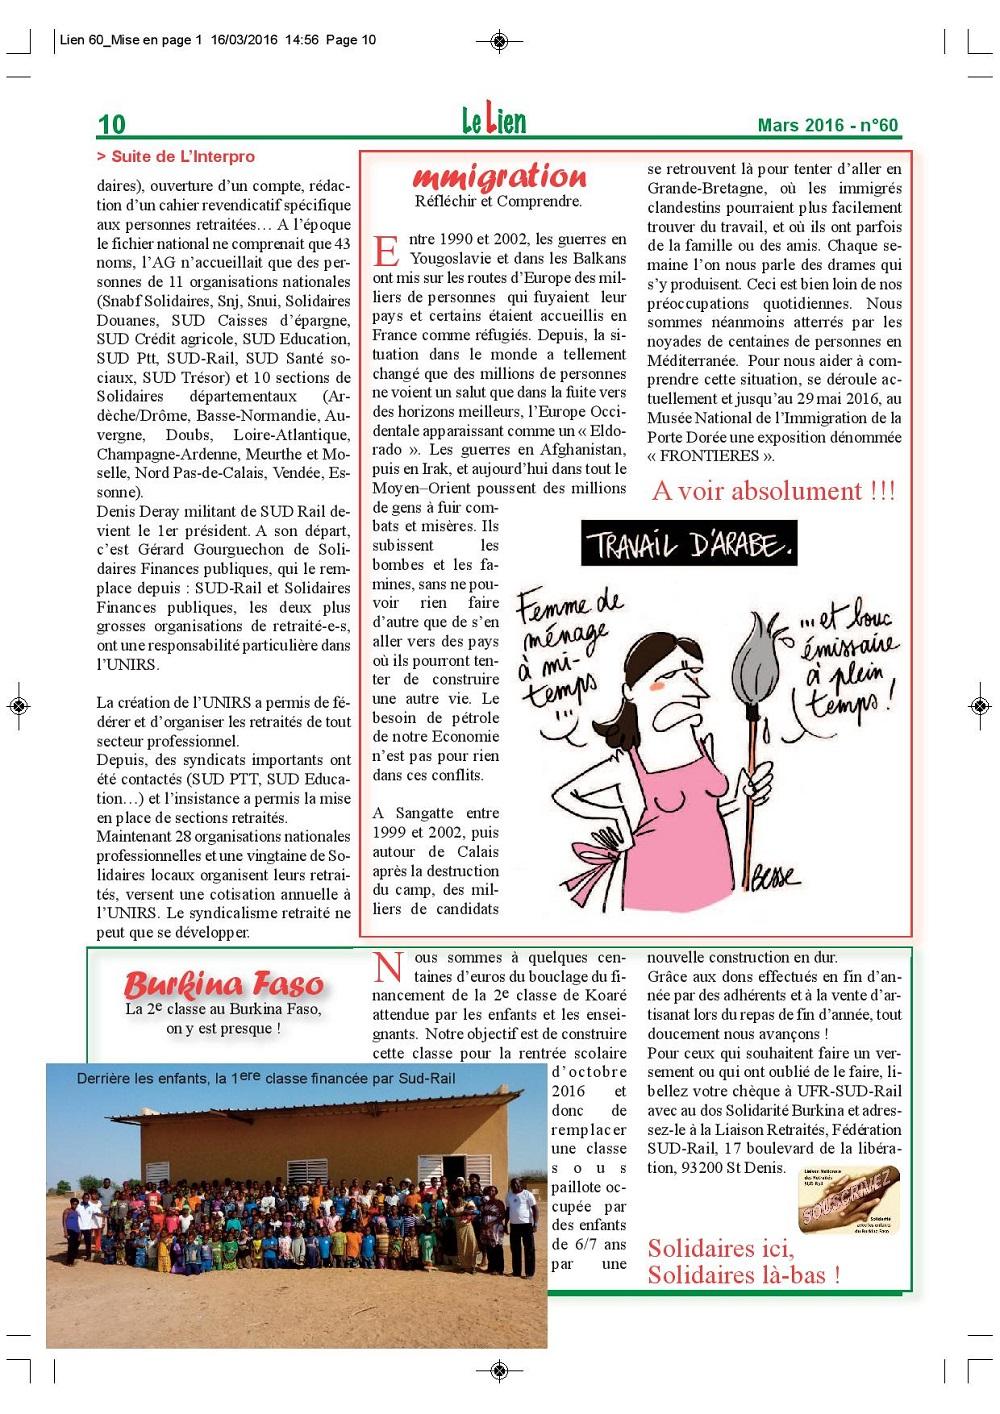 Lien retraite n60-page-010